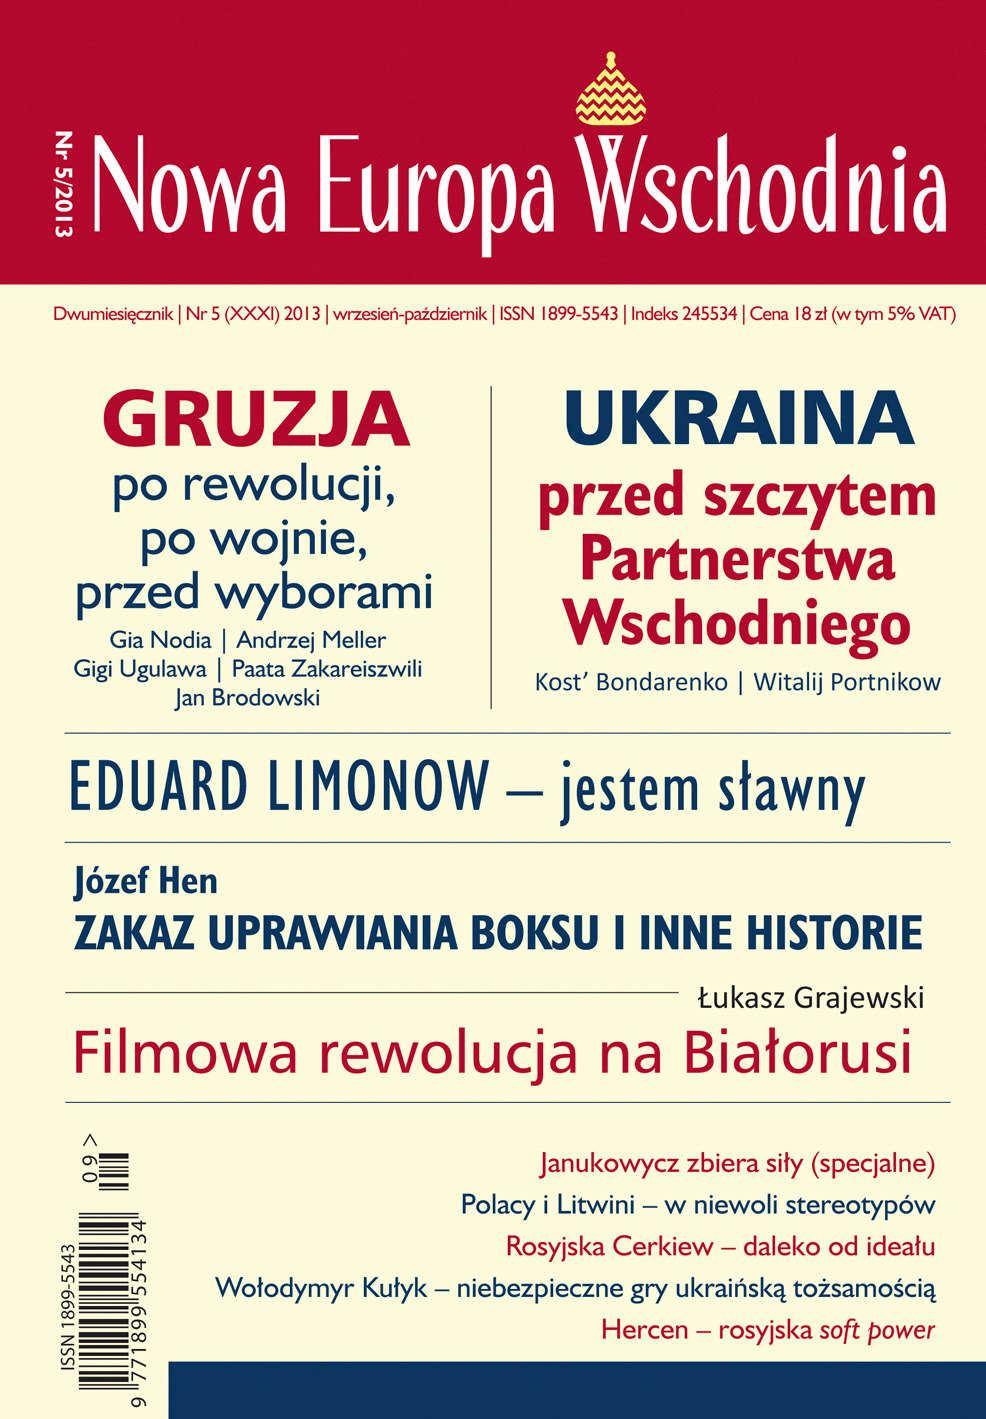 Nowa Europa Wschodnia 5/2013 - Ebook (Książka EPUB) do pobrania w formacie EPUB